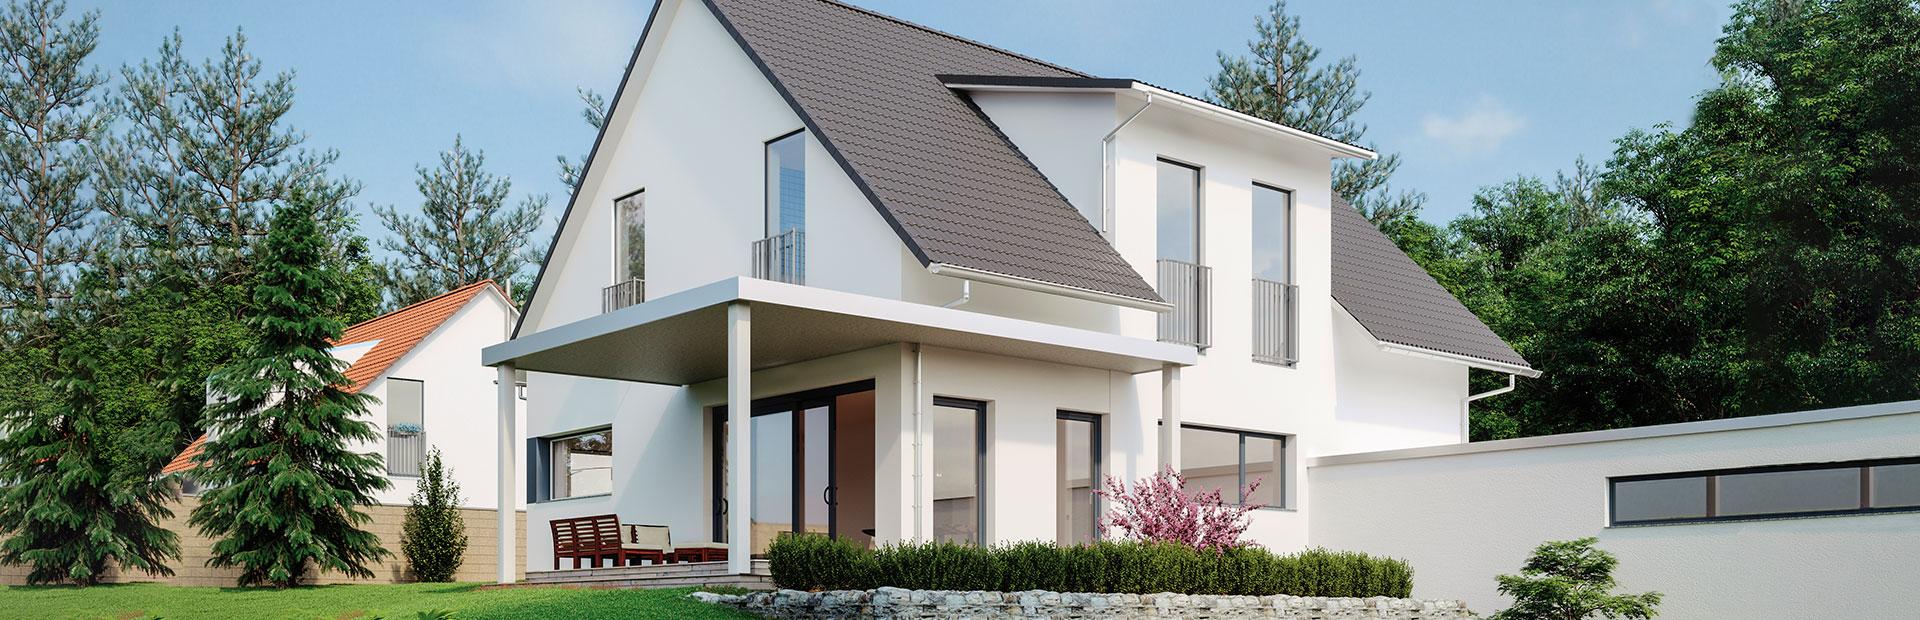 Vollunterkellertes Einfamilienhaus bauen